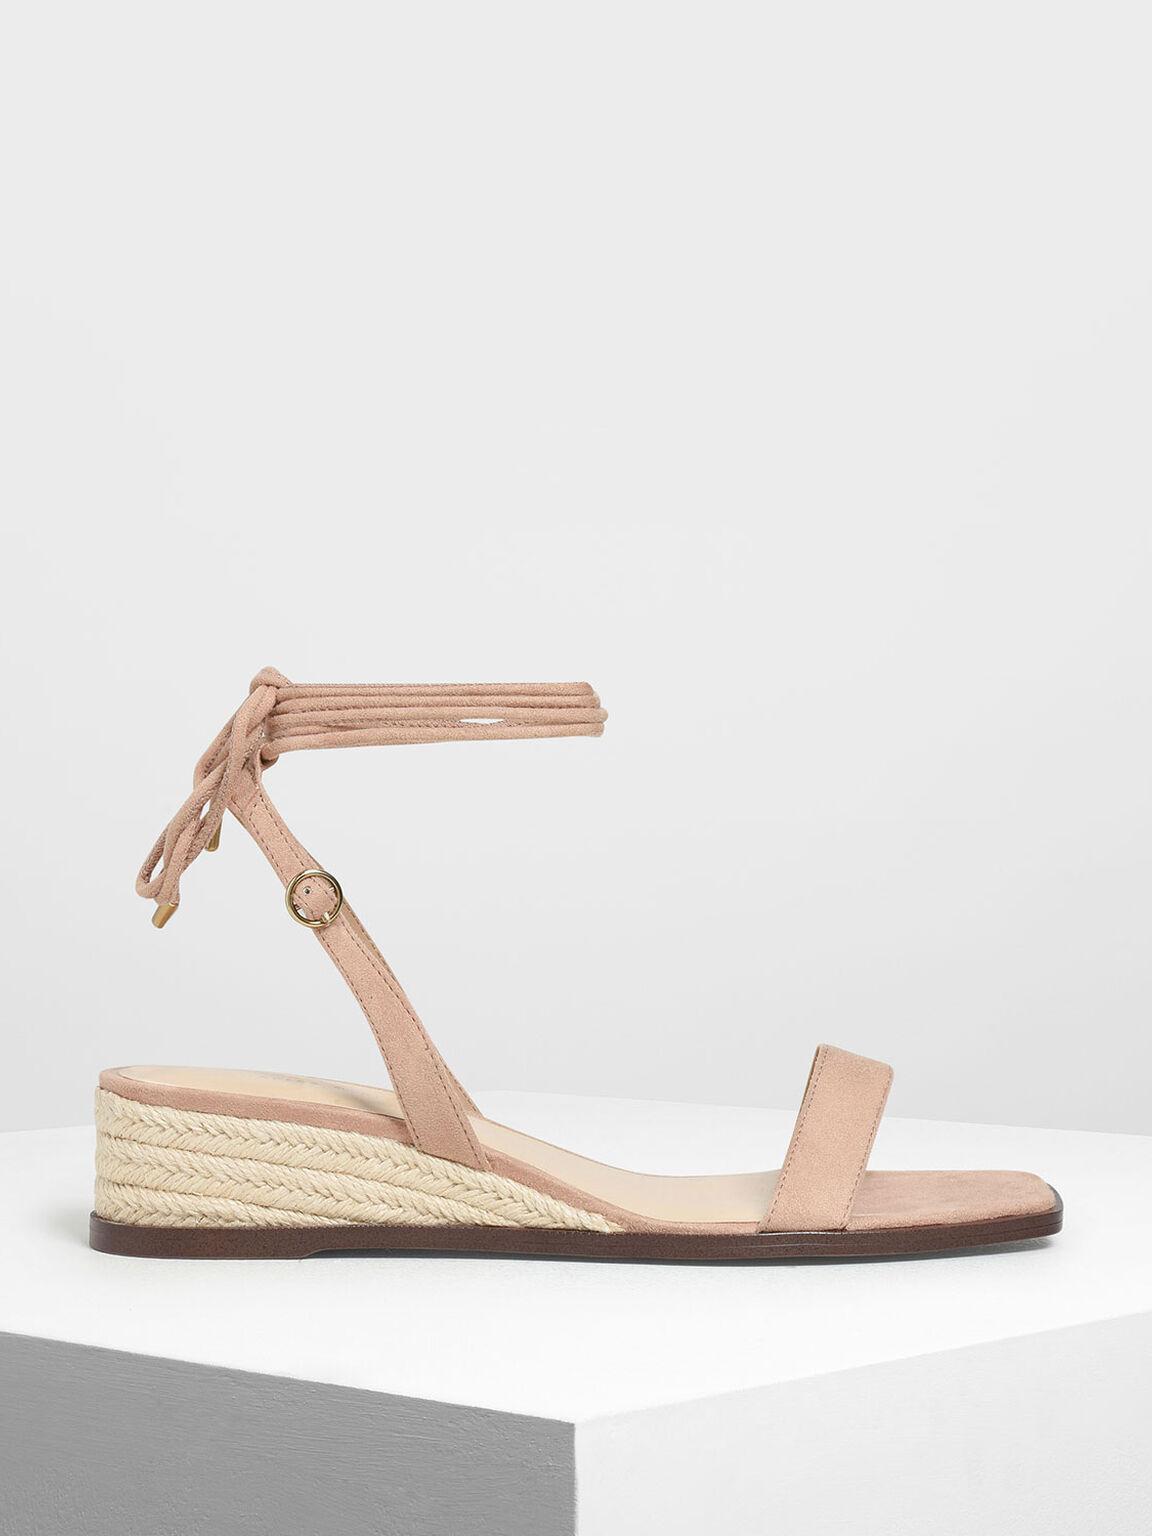 繞踝草編楔型涼鞋, 米黃色, hi-res